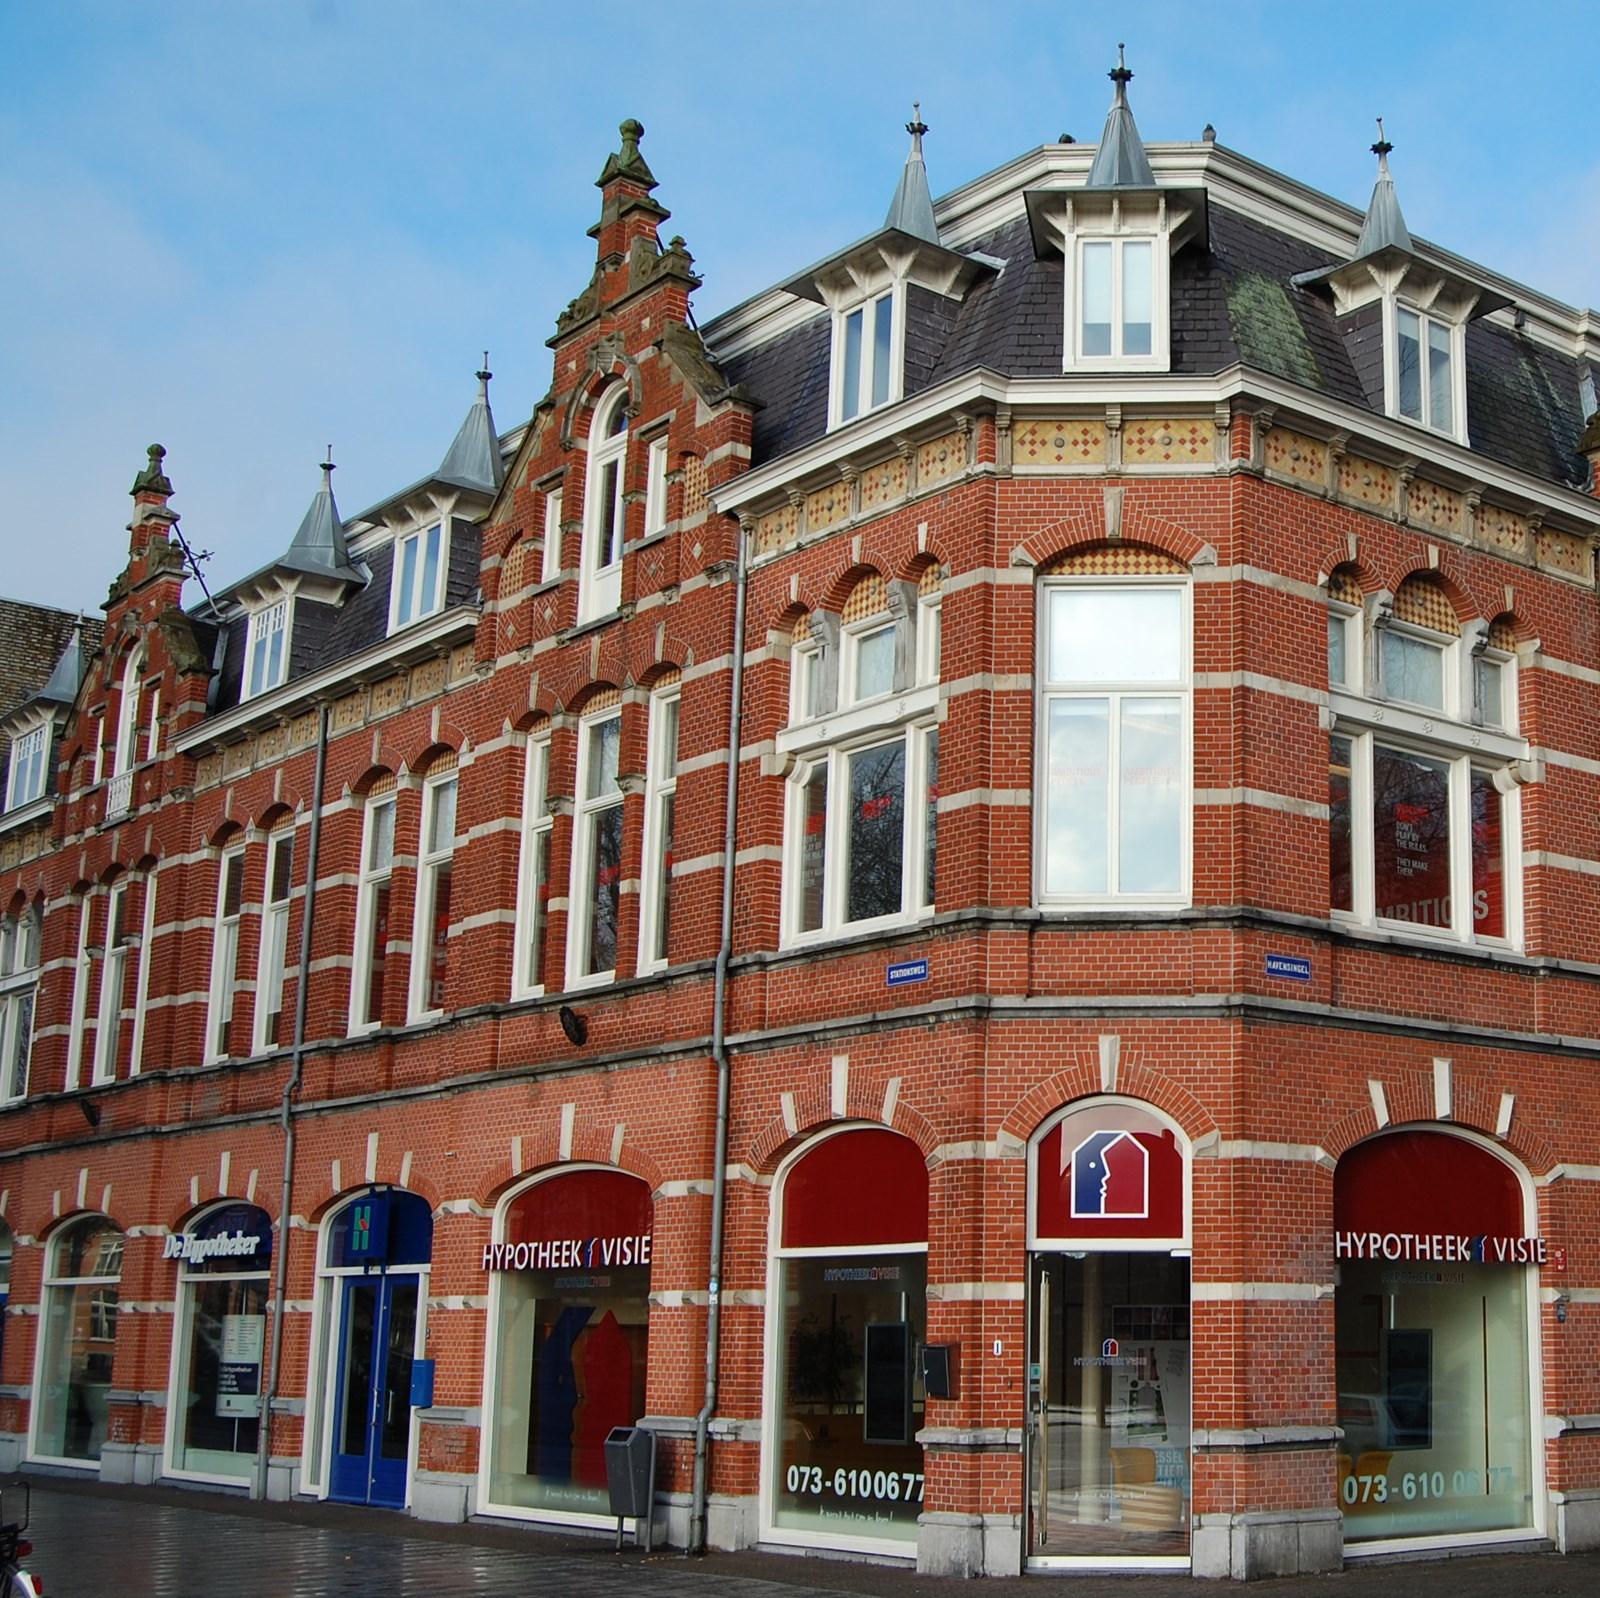 Hypotheek Visie Den Bosch